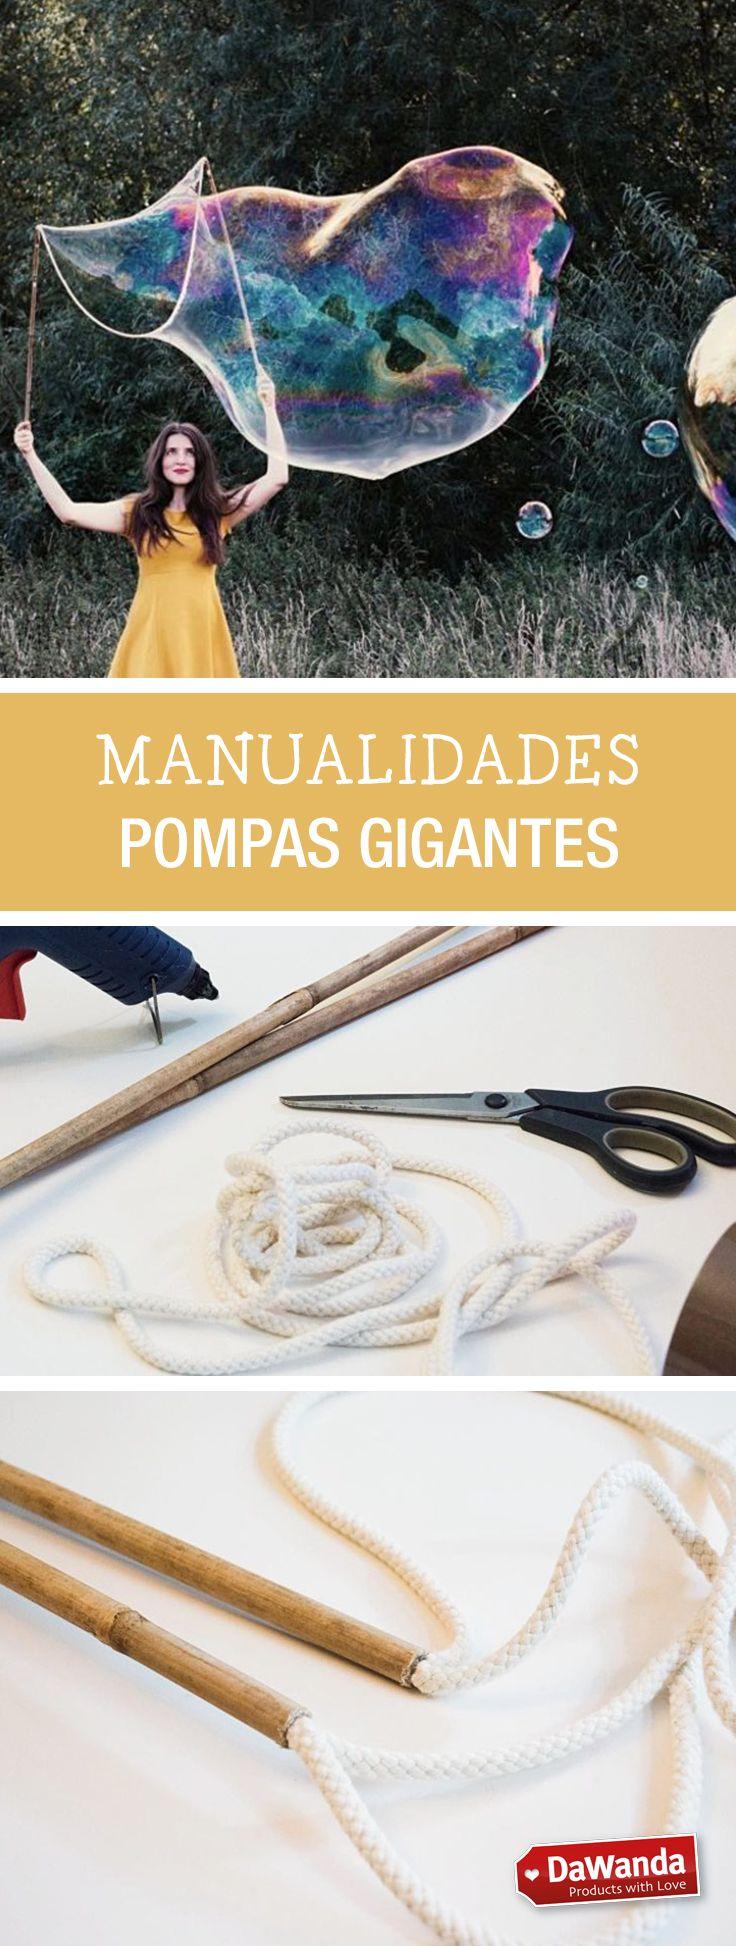 Tutoriales DIY - CÓMO HACER POMPAS DE JABÓN GIGANTES en DaWanda.es